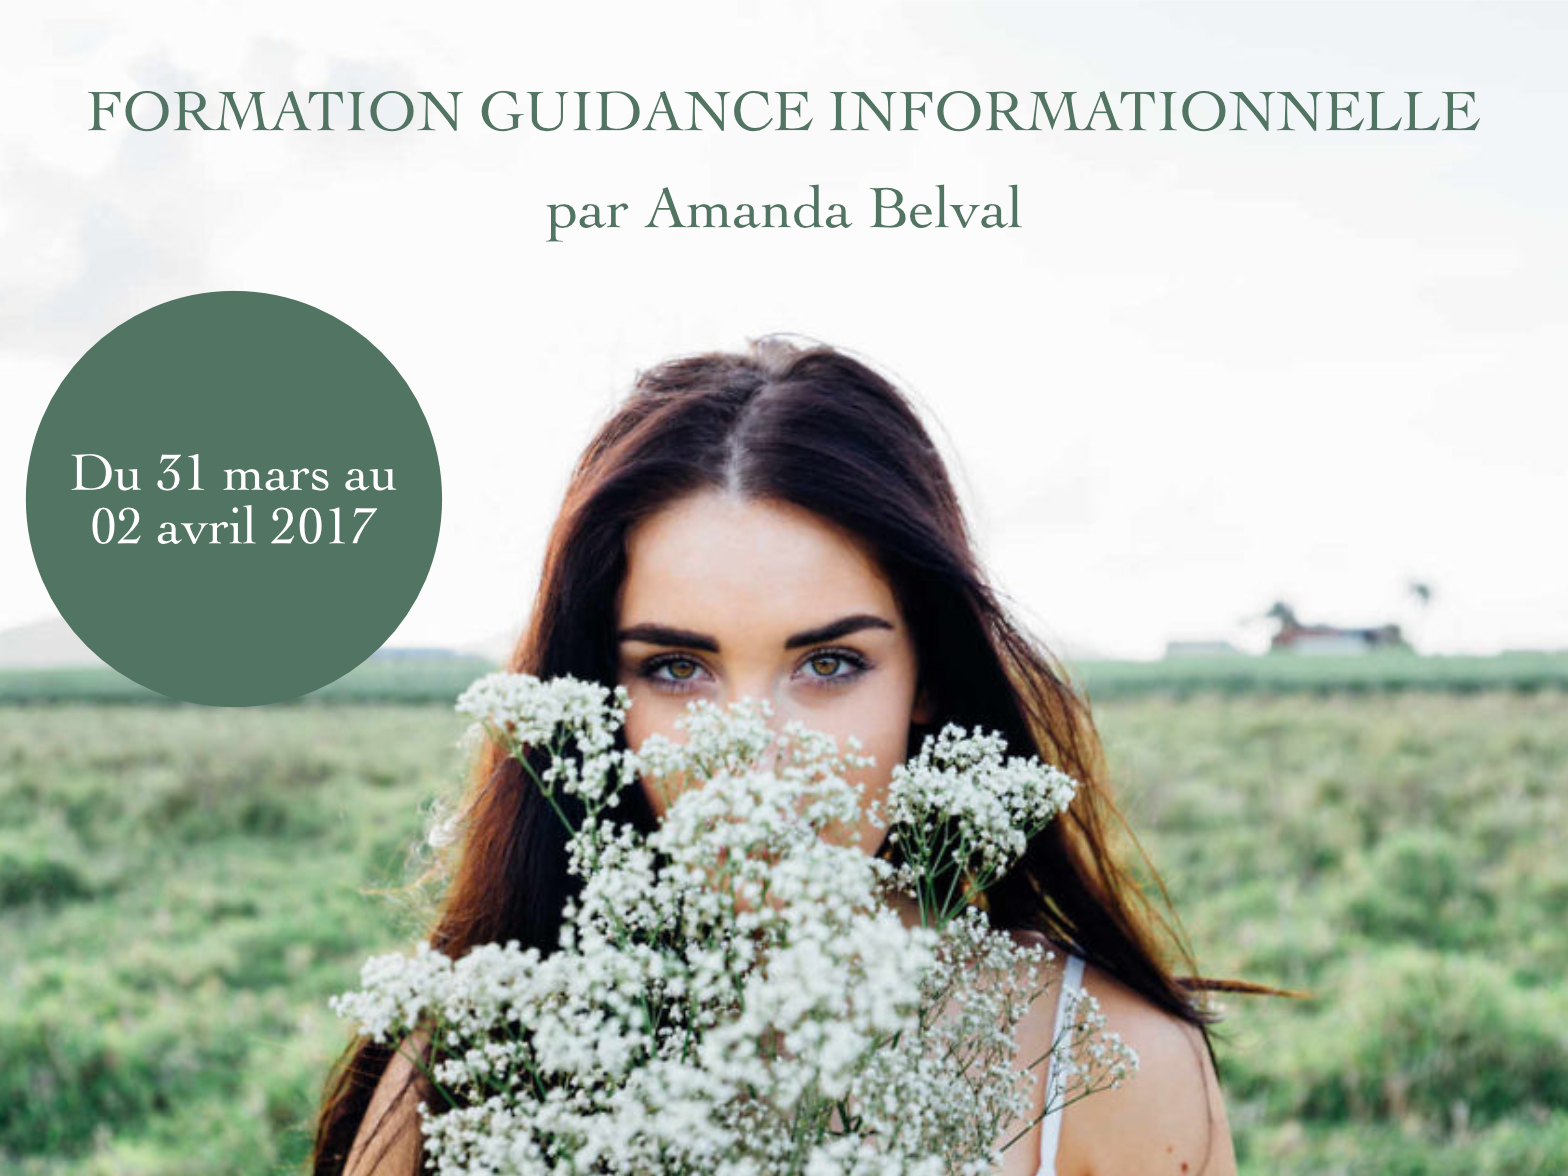 Formation Guidance Informationnelle en mars 2017 - Être Soi